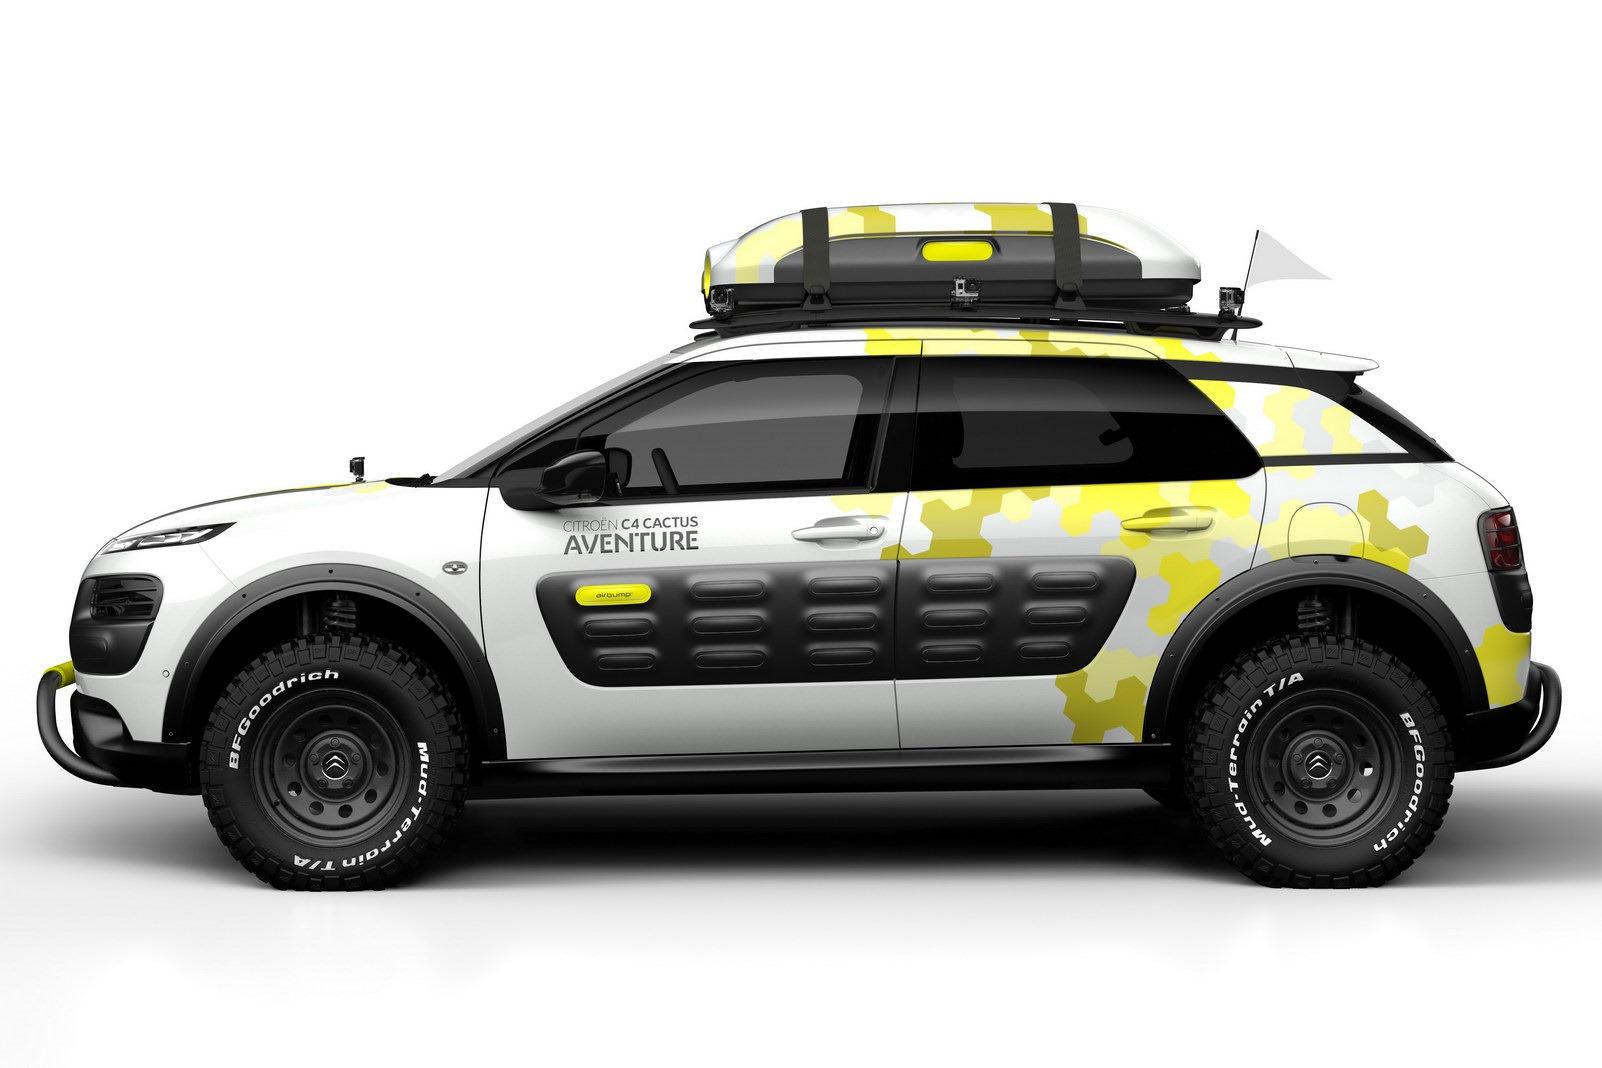 [Resim: 2014-Citroen-C4-Cactus-Aventure-3.jpg]